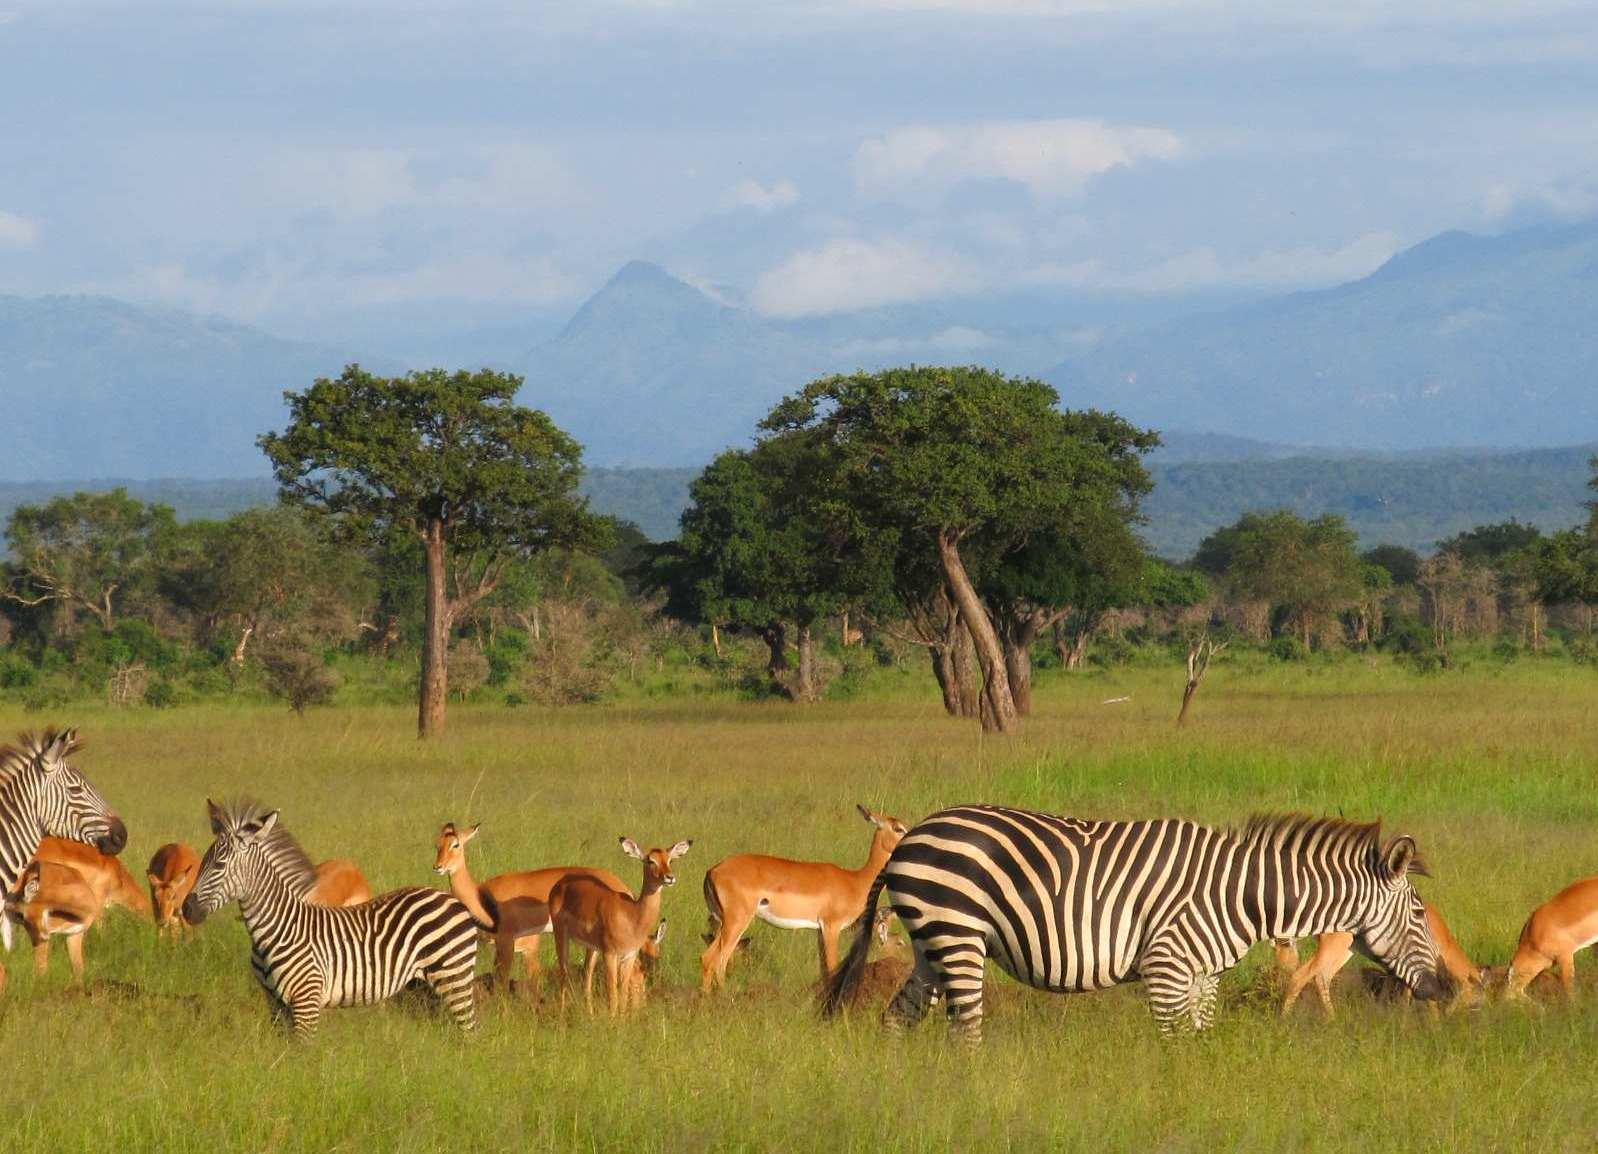 фото с сафари в танзании огненные улитки только